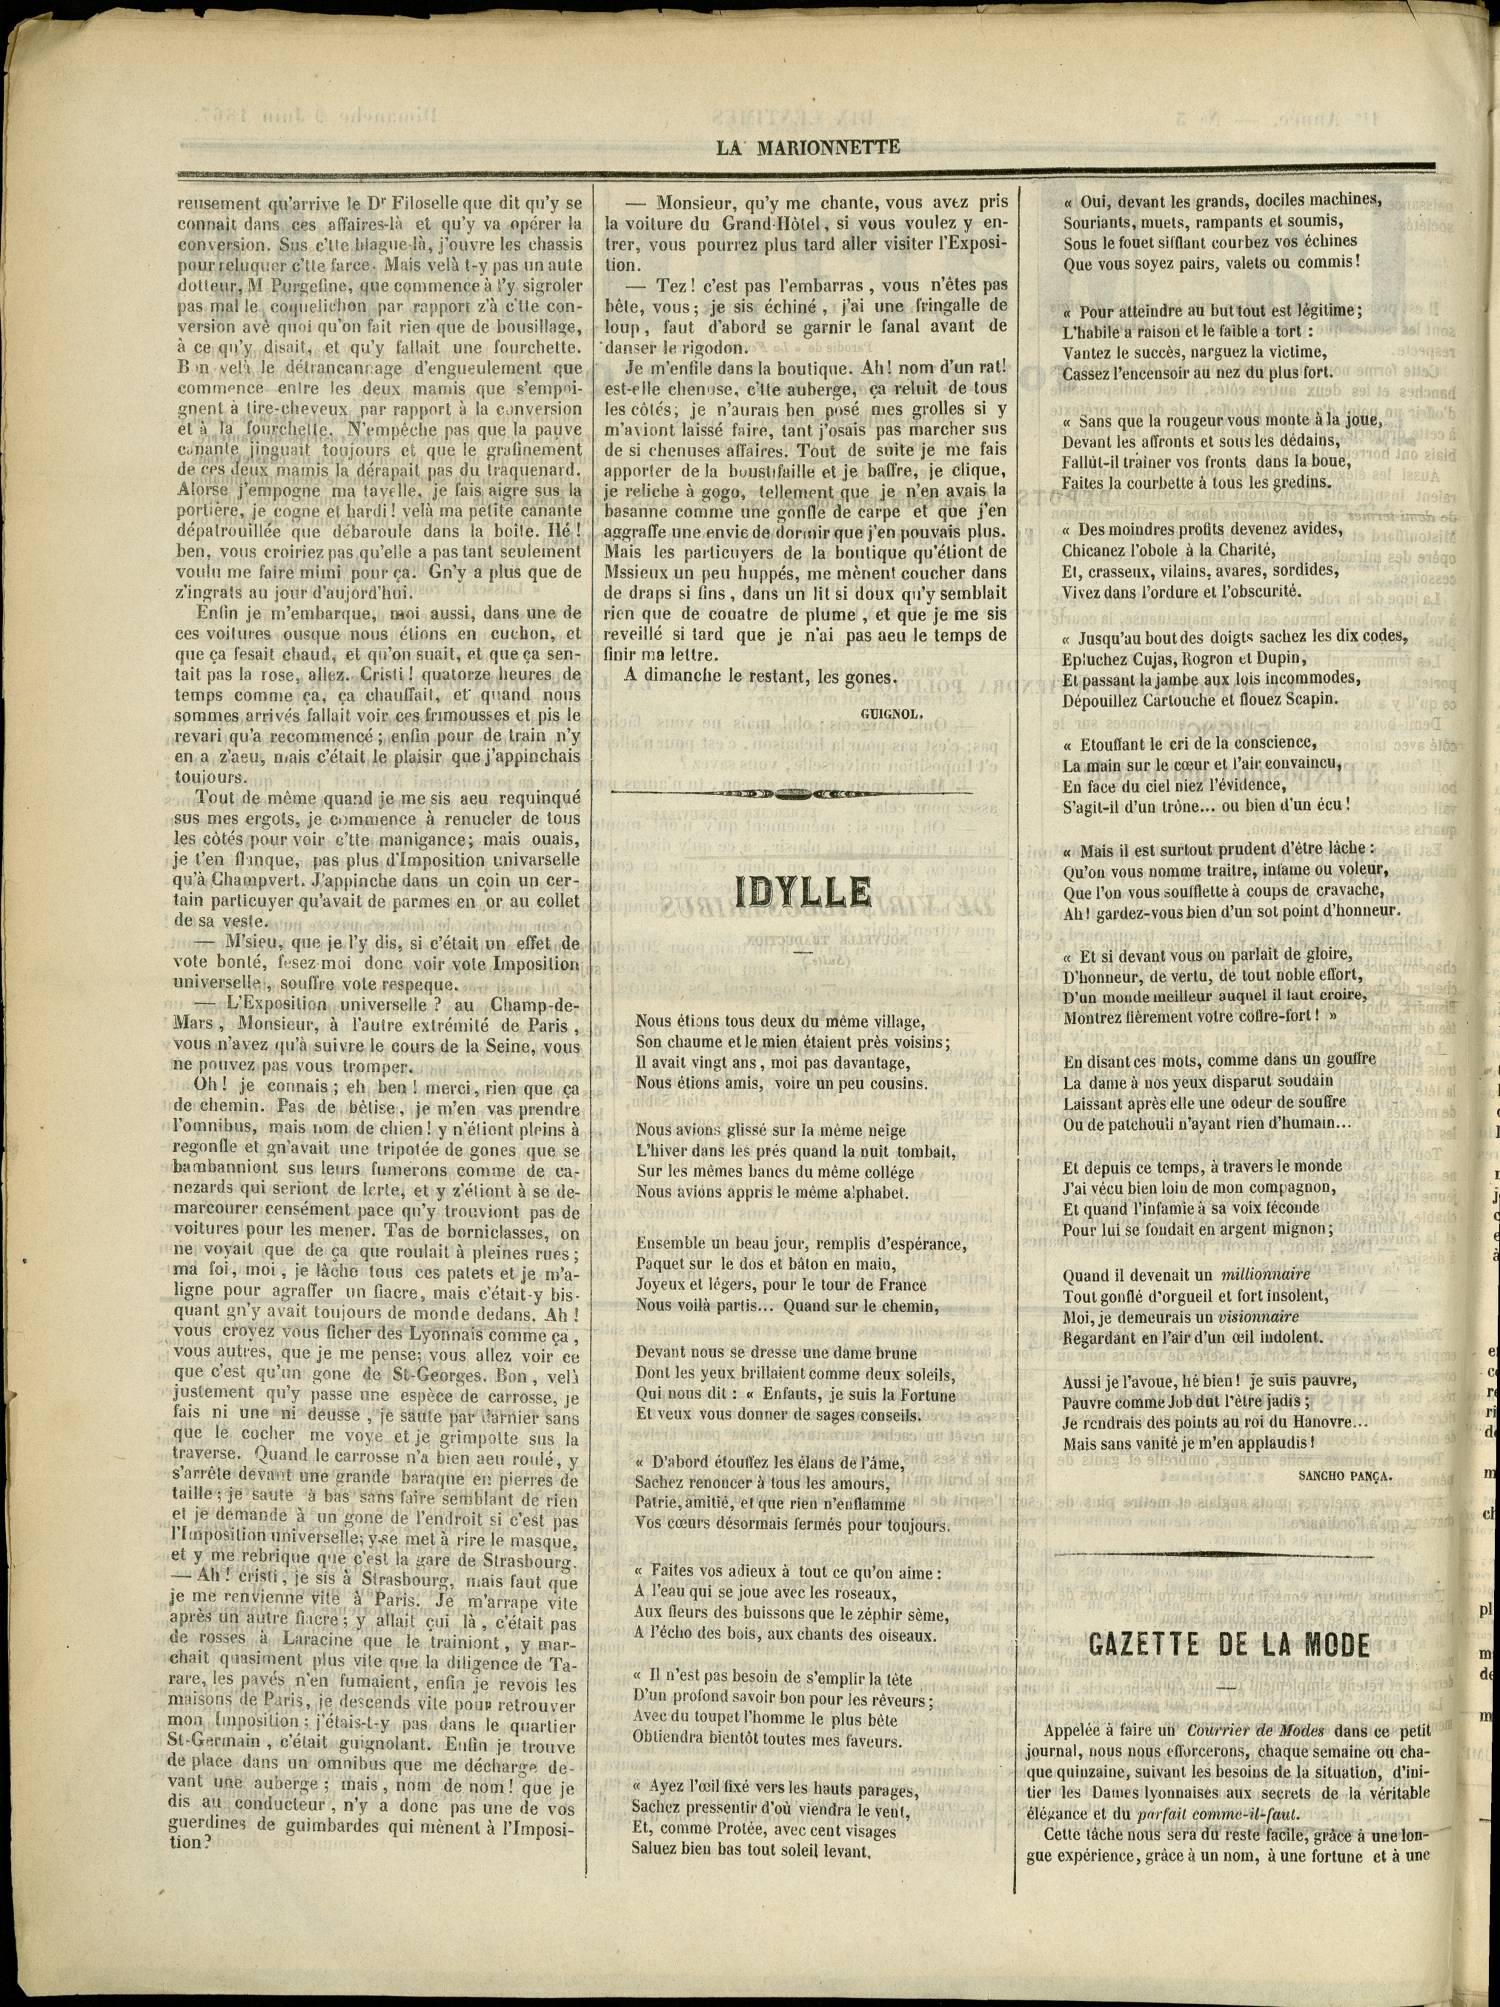 Contenu textuel de l'image : GAZETTE DE LA MODE